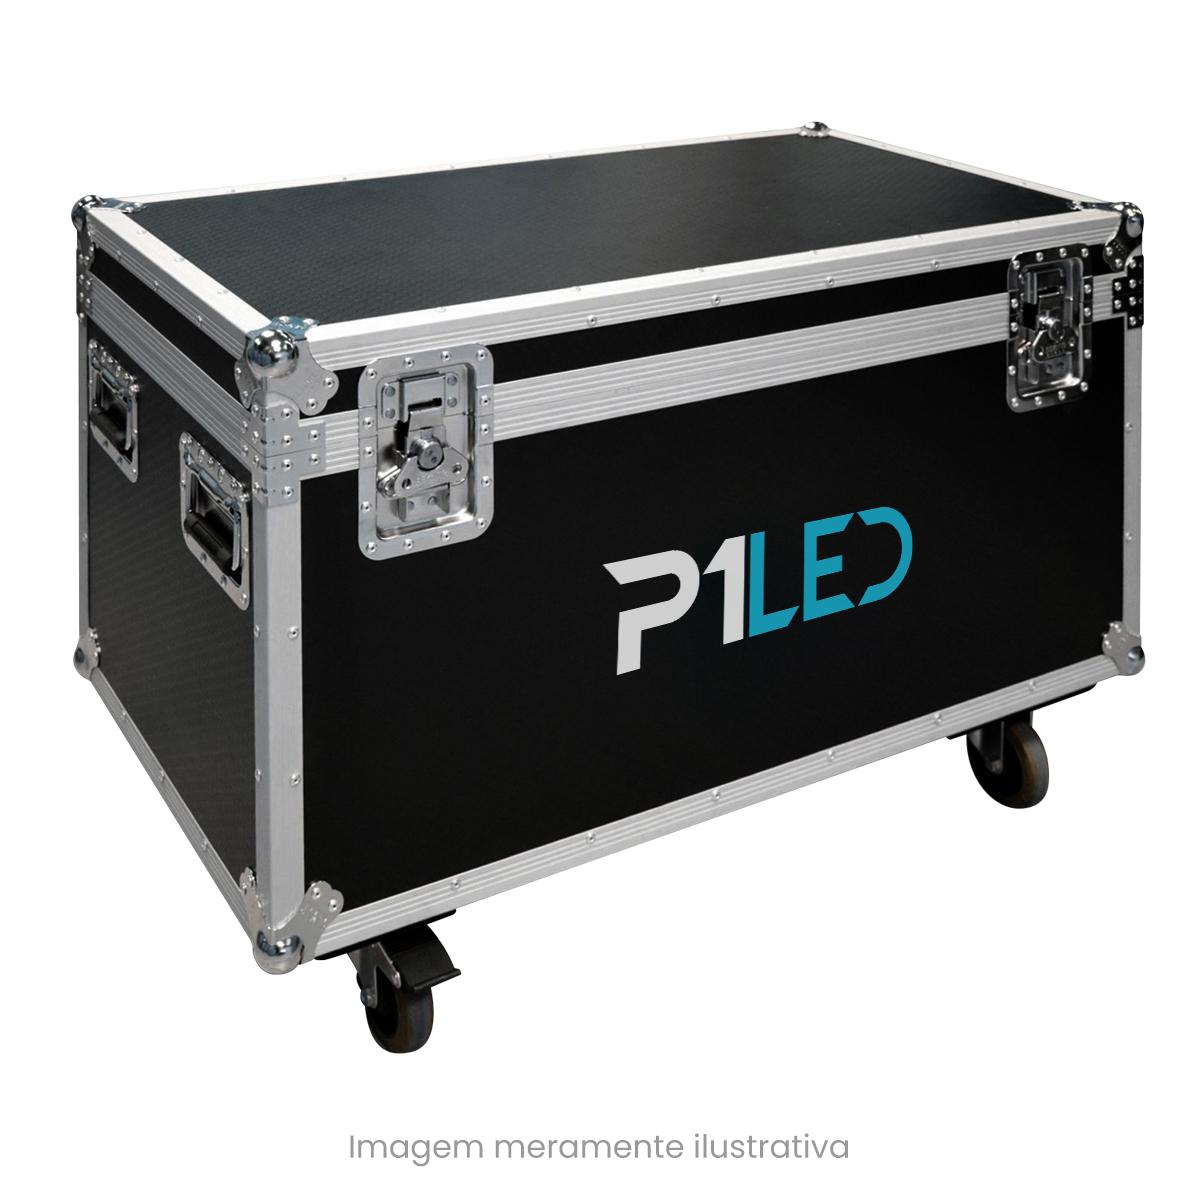 Painel de LED para Fachada 4x2 - Telão P3 Outdoor  - Painel e Telão de LED - O Melhor Preço em Painel de LED   P1LED